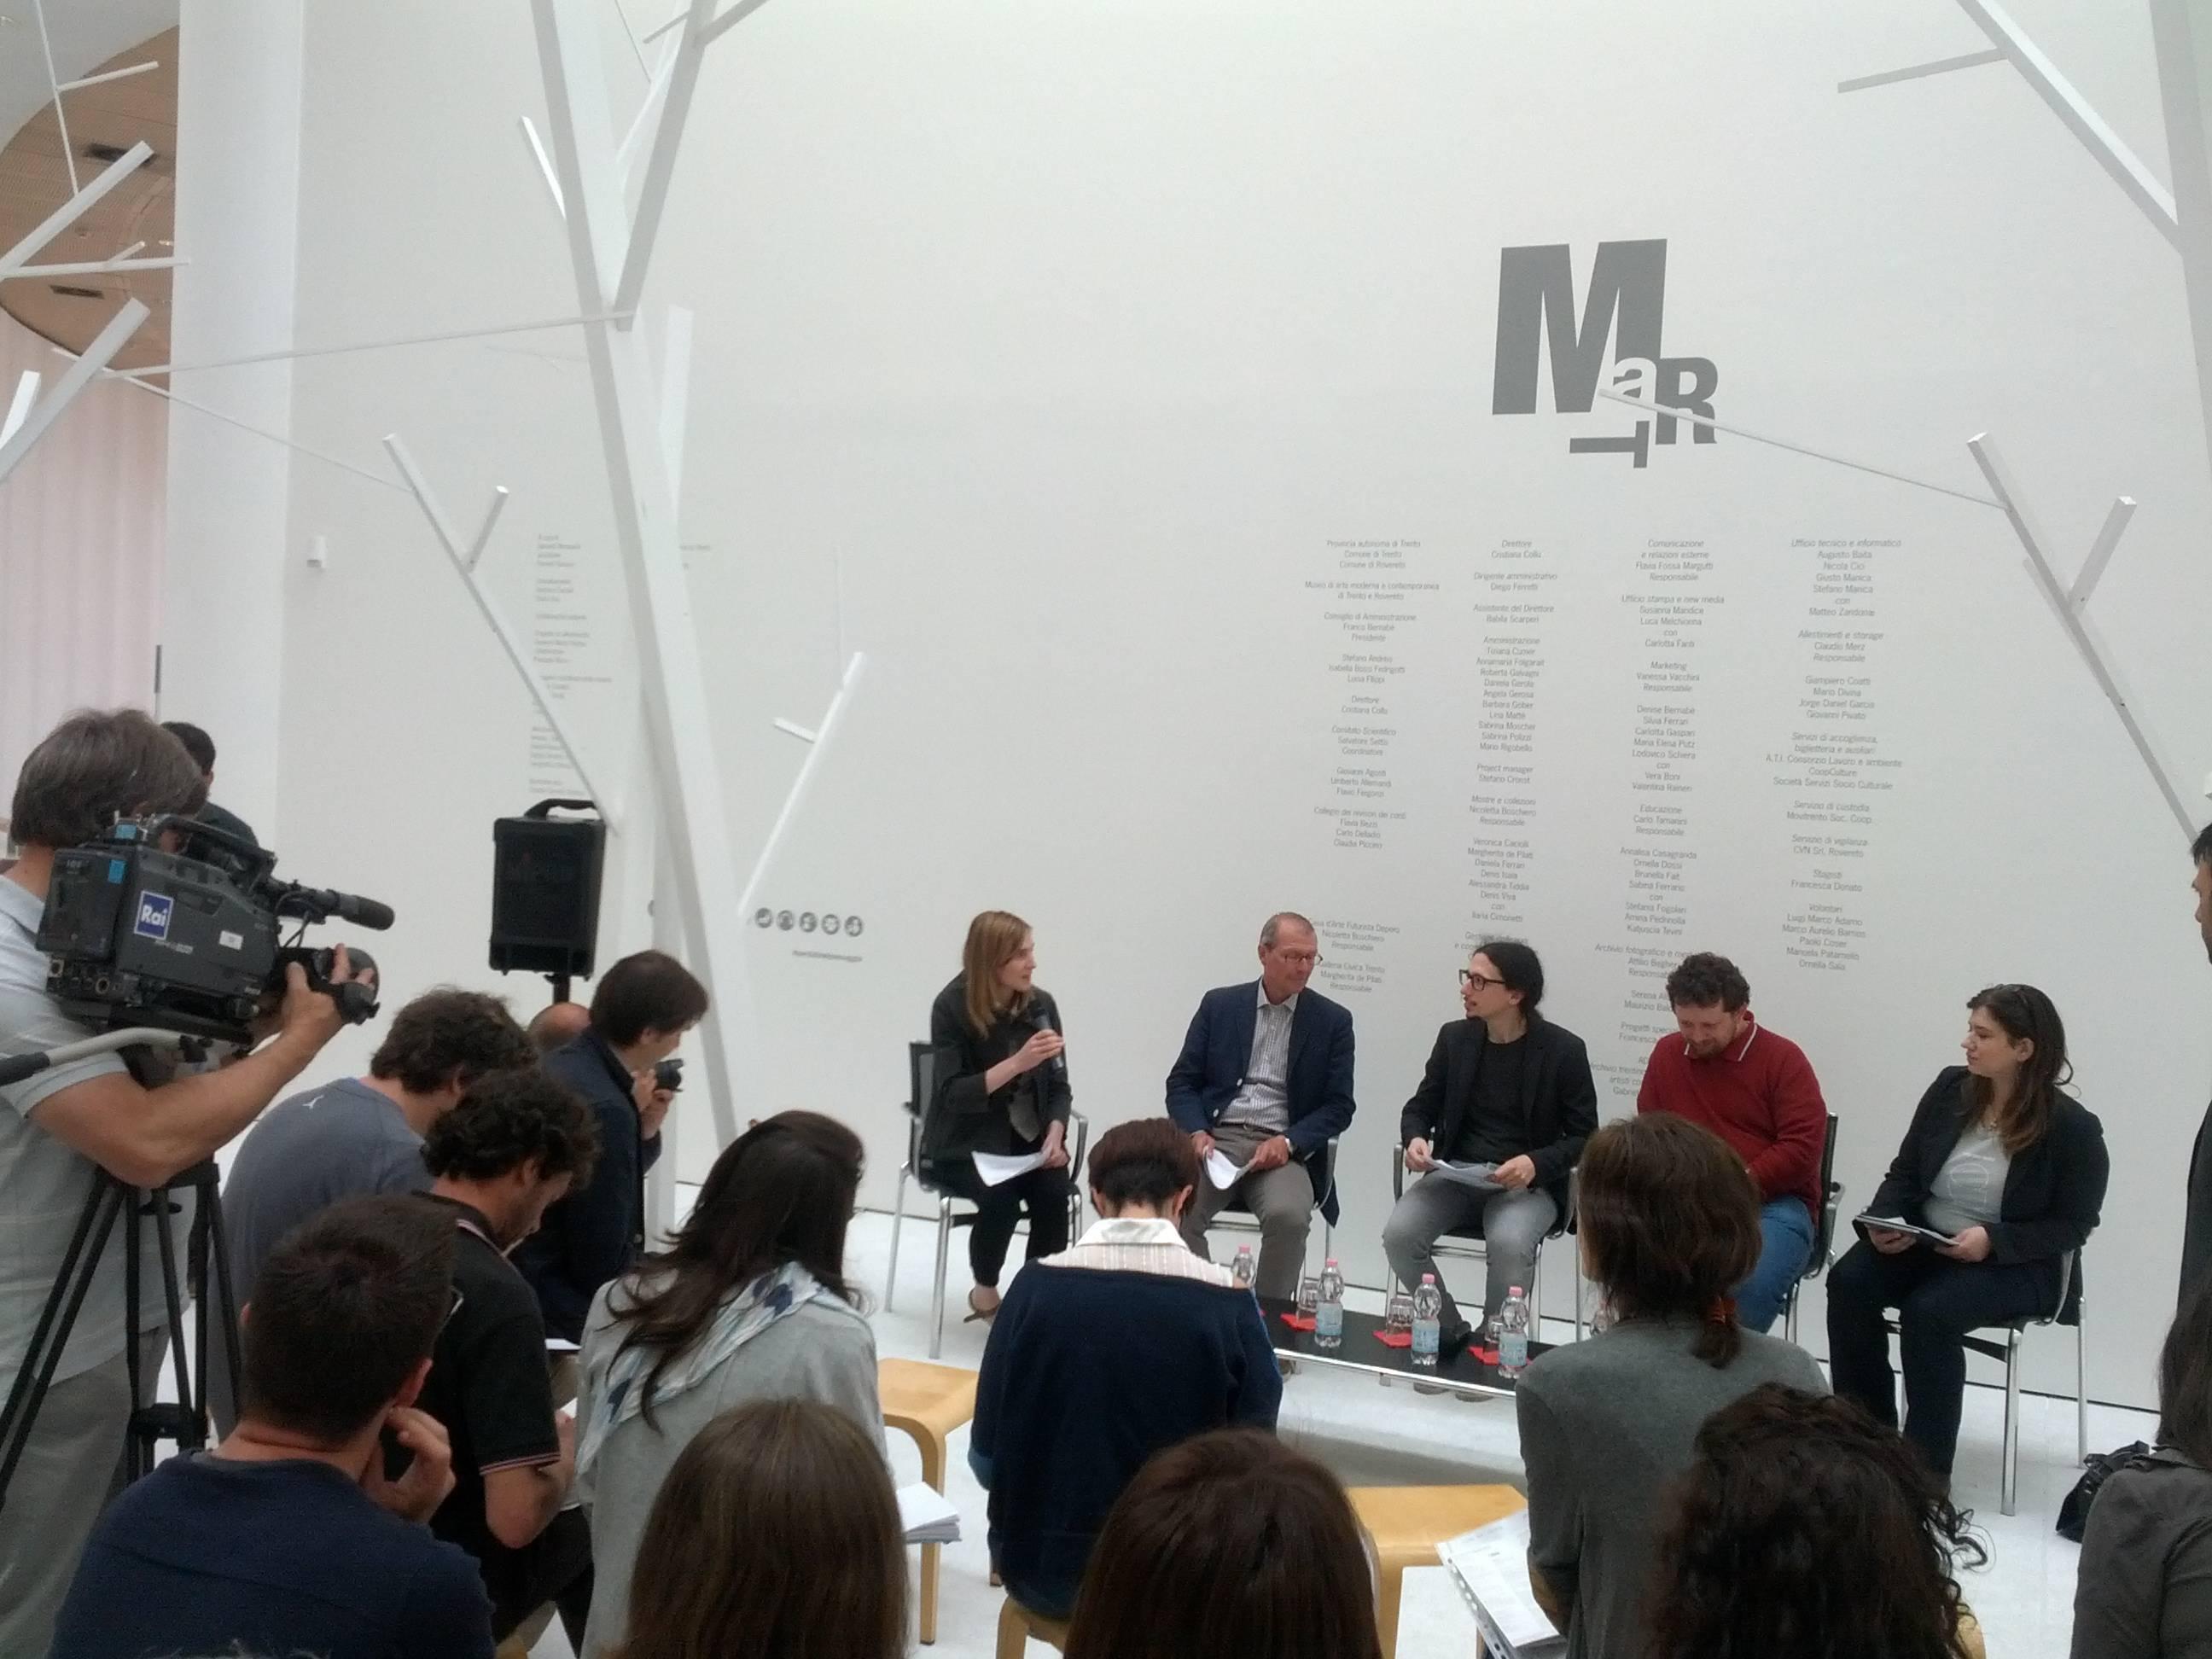 Conferenza stampa al MART di Rovereto per la presentazione del Wikipediano in residenza , uno dei primi in Italia. Foto di Niccolò Caranti, CC-BY-SA 3.0, via Wikimedia Commons.